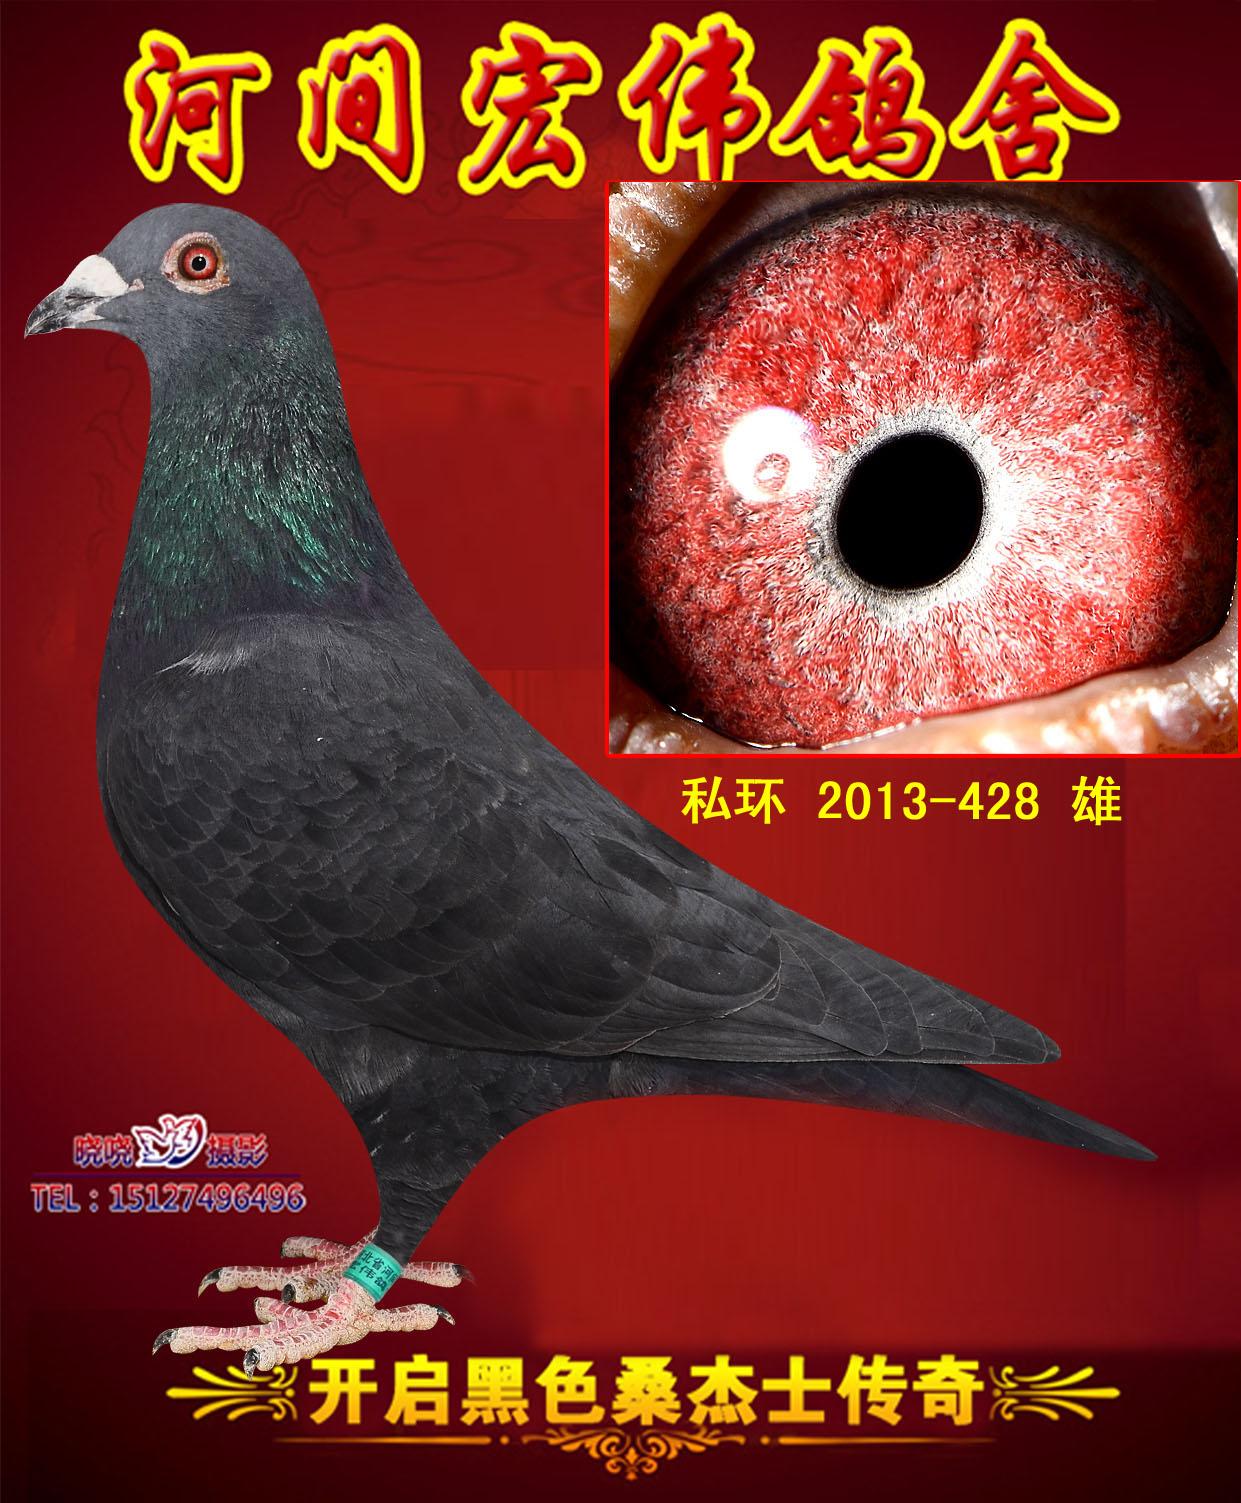 中华信鸽拍卖信息网